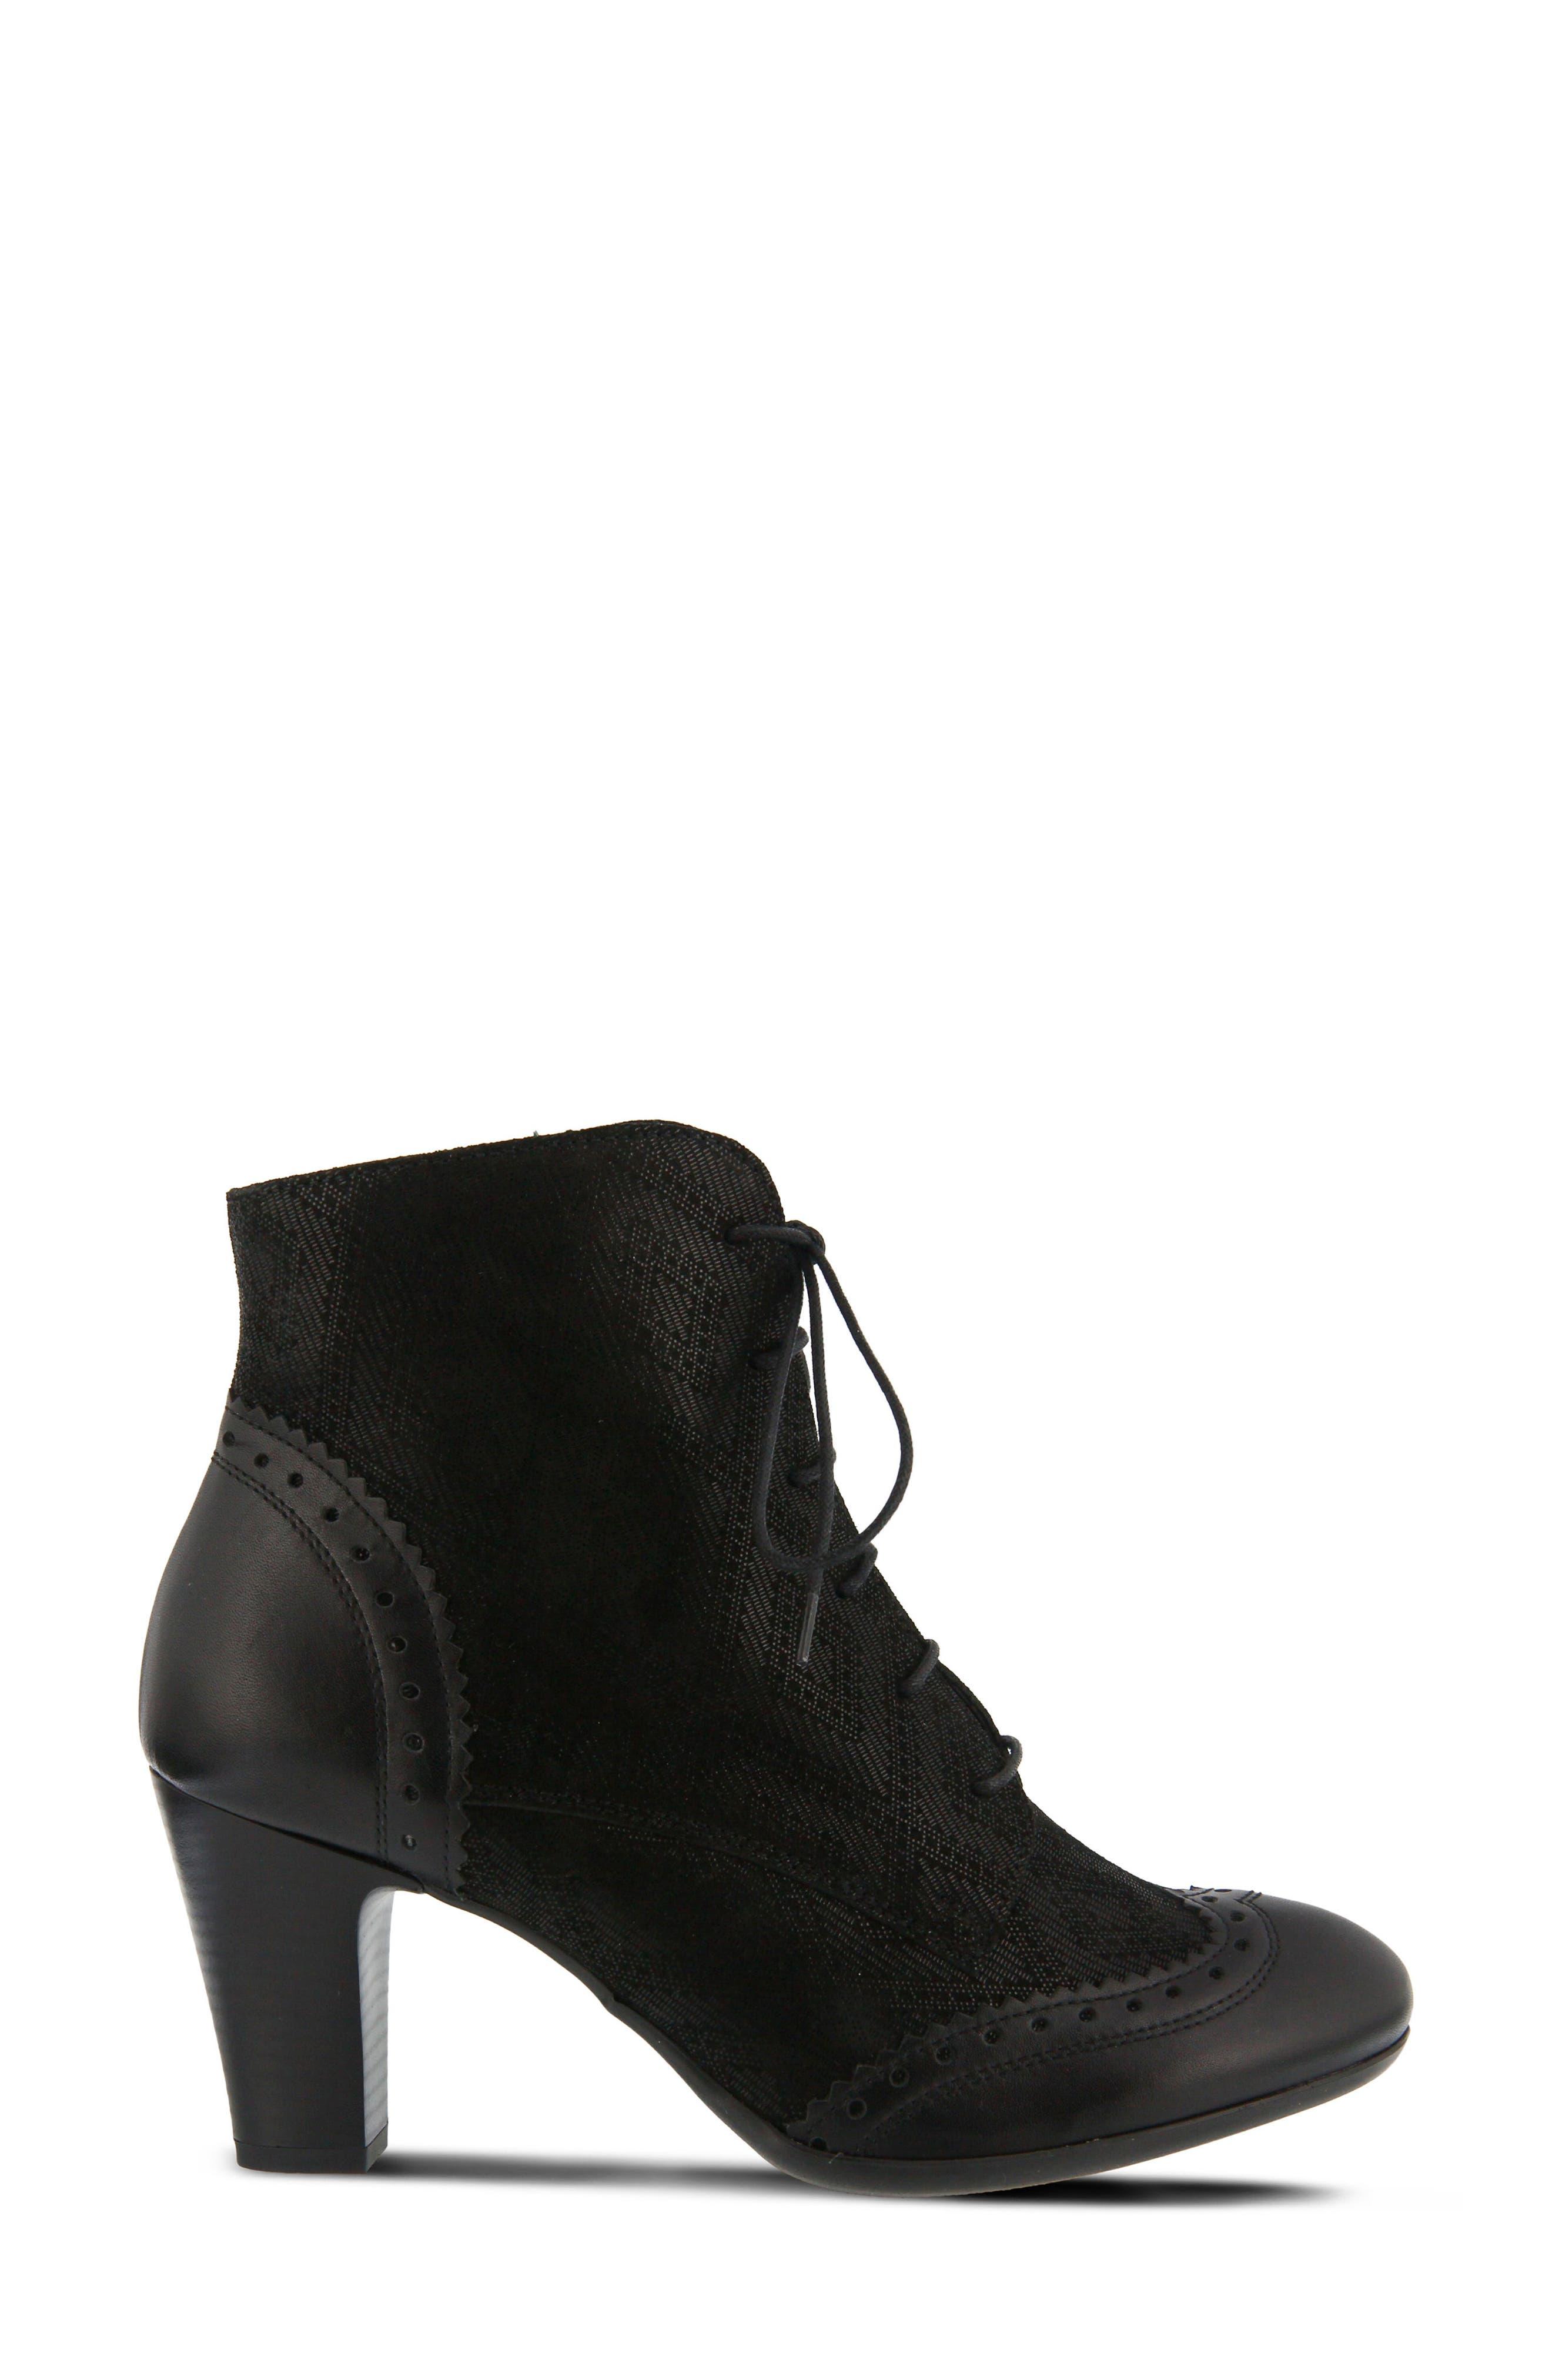 Gem Lace-Up Bootie,                             Alternate thumbnail 3, color,                             Black Leather